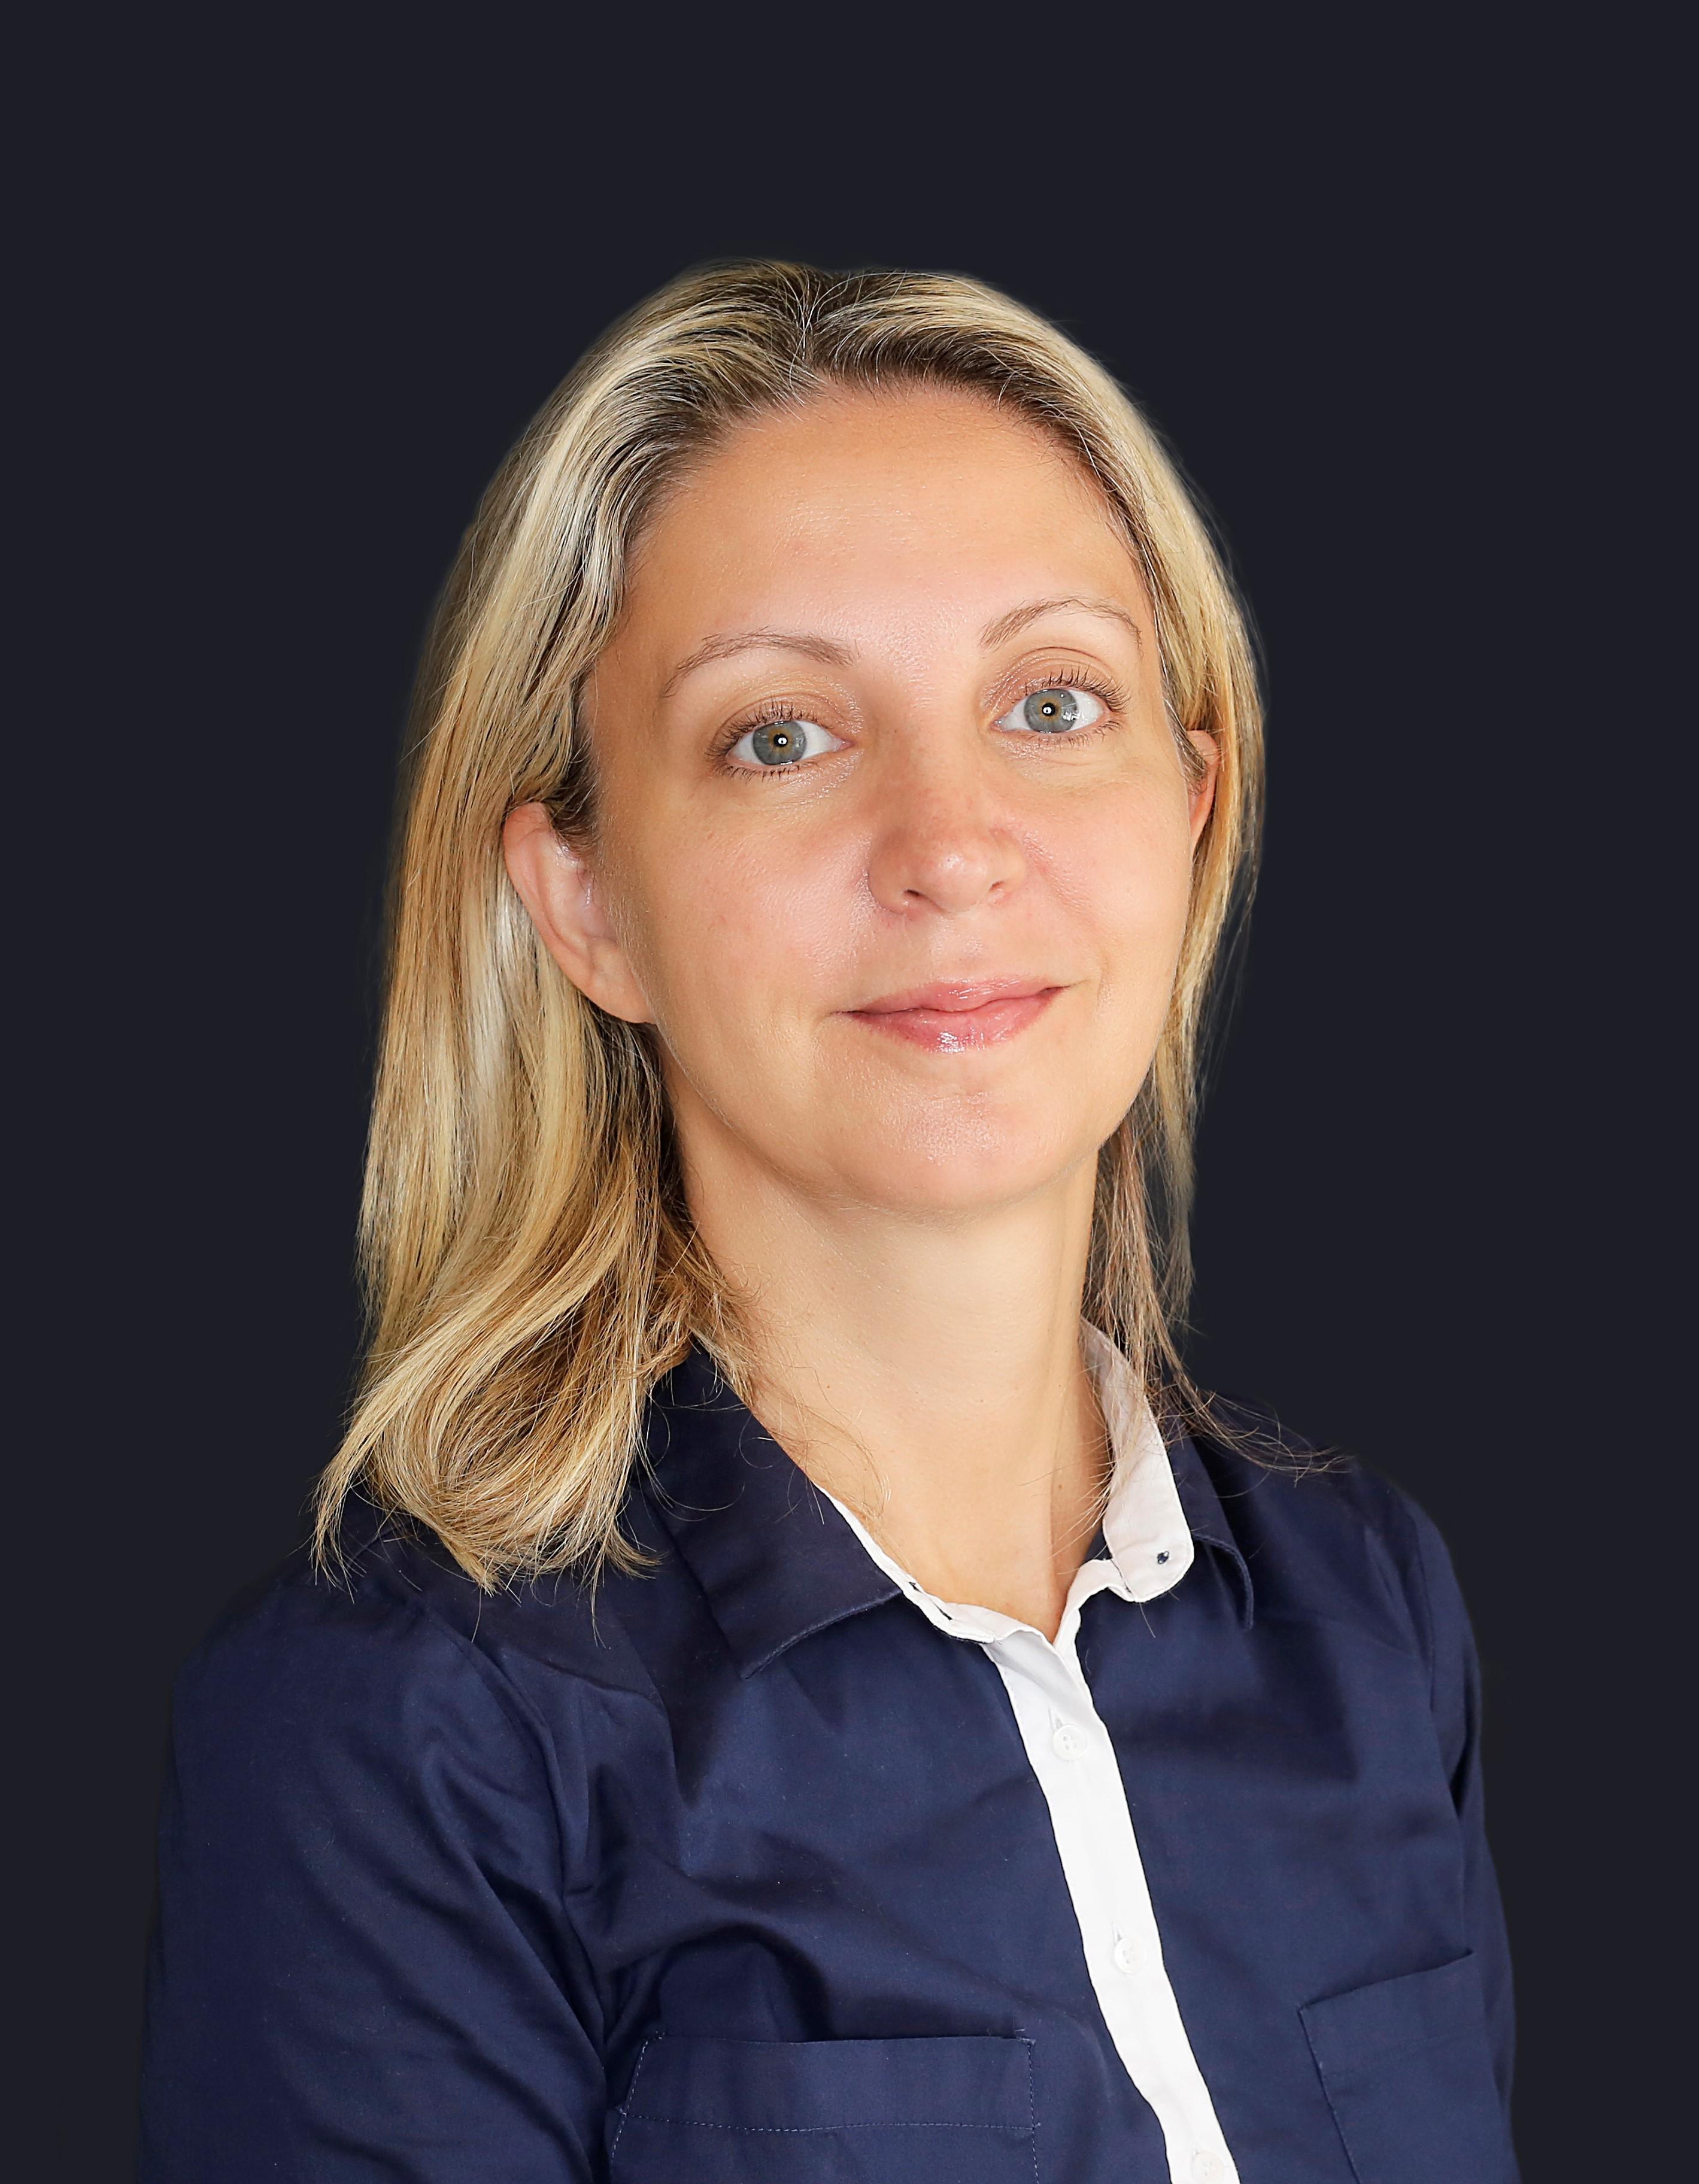 Yanni Spiro